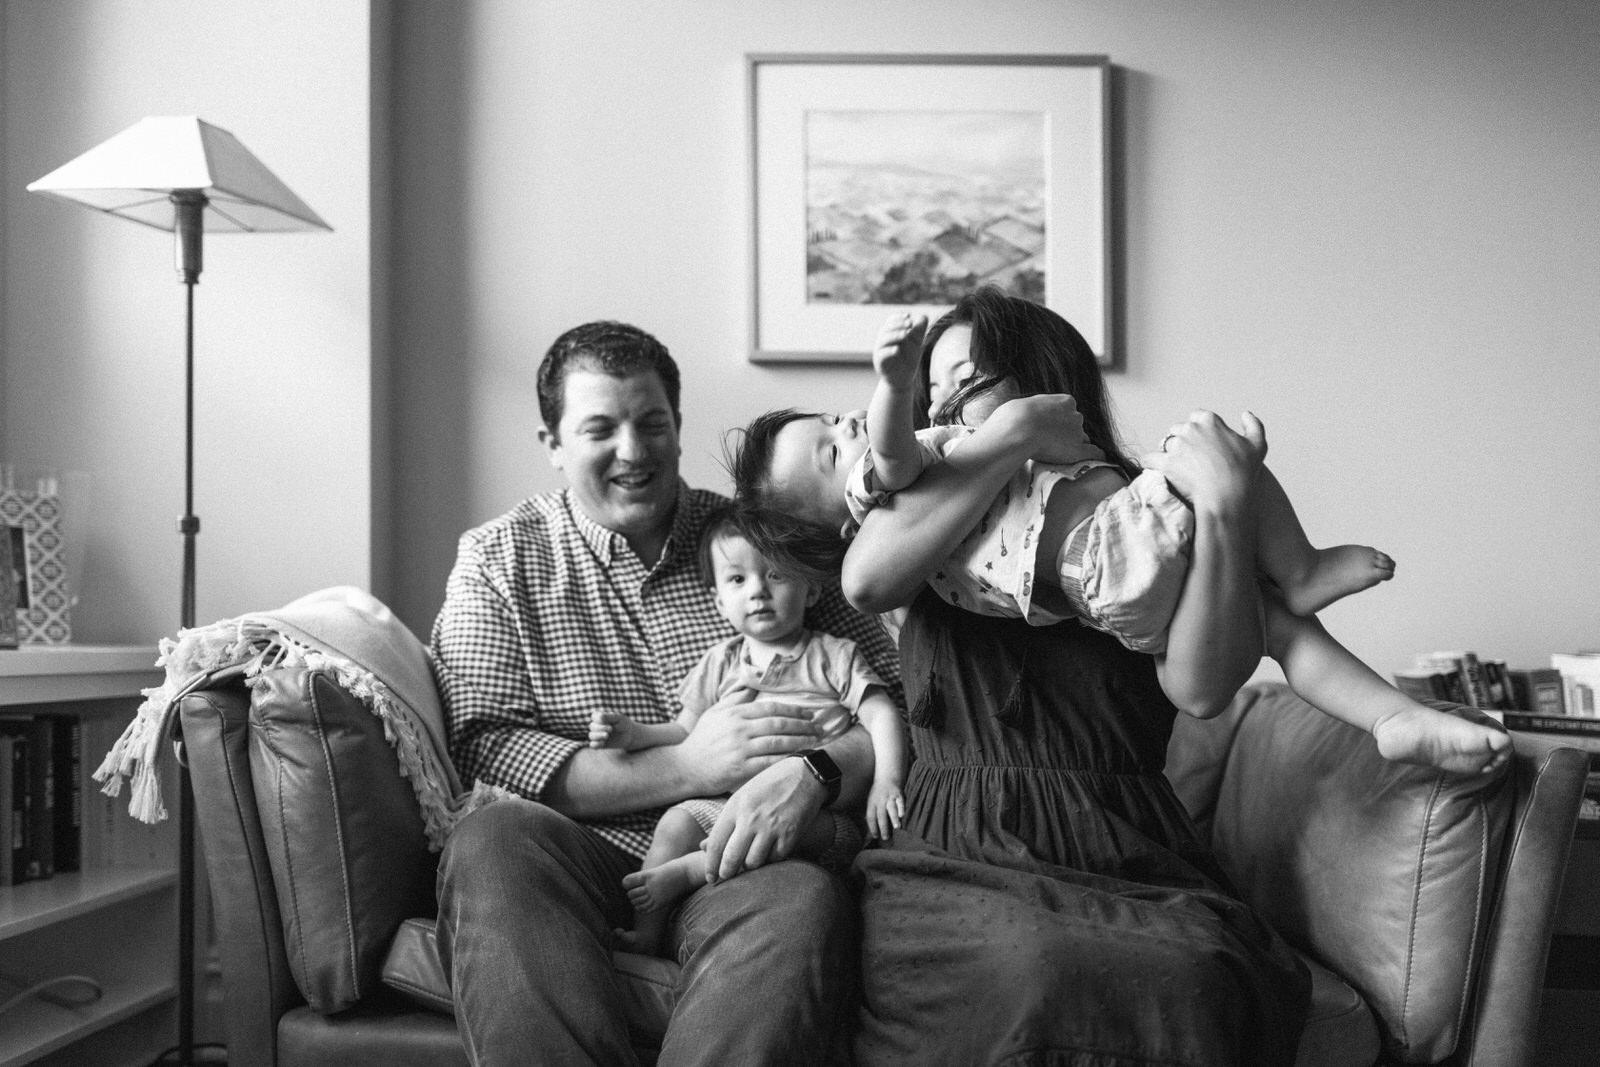 family-photography-brooklyn-ny-03.jpg